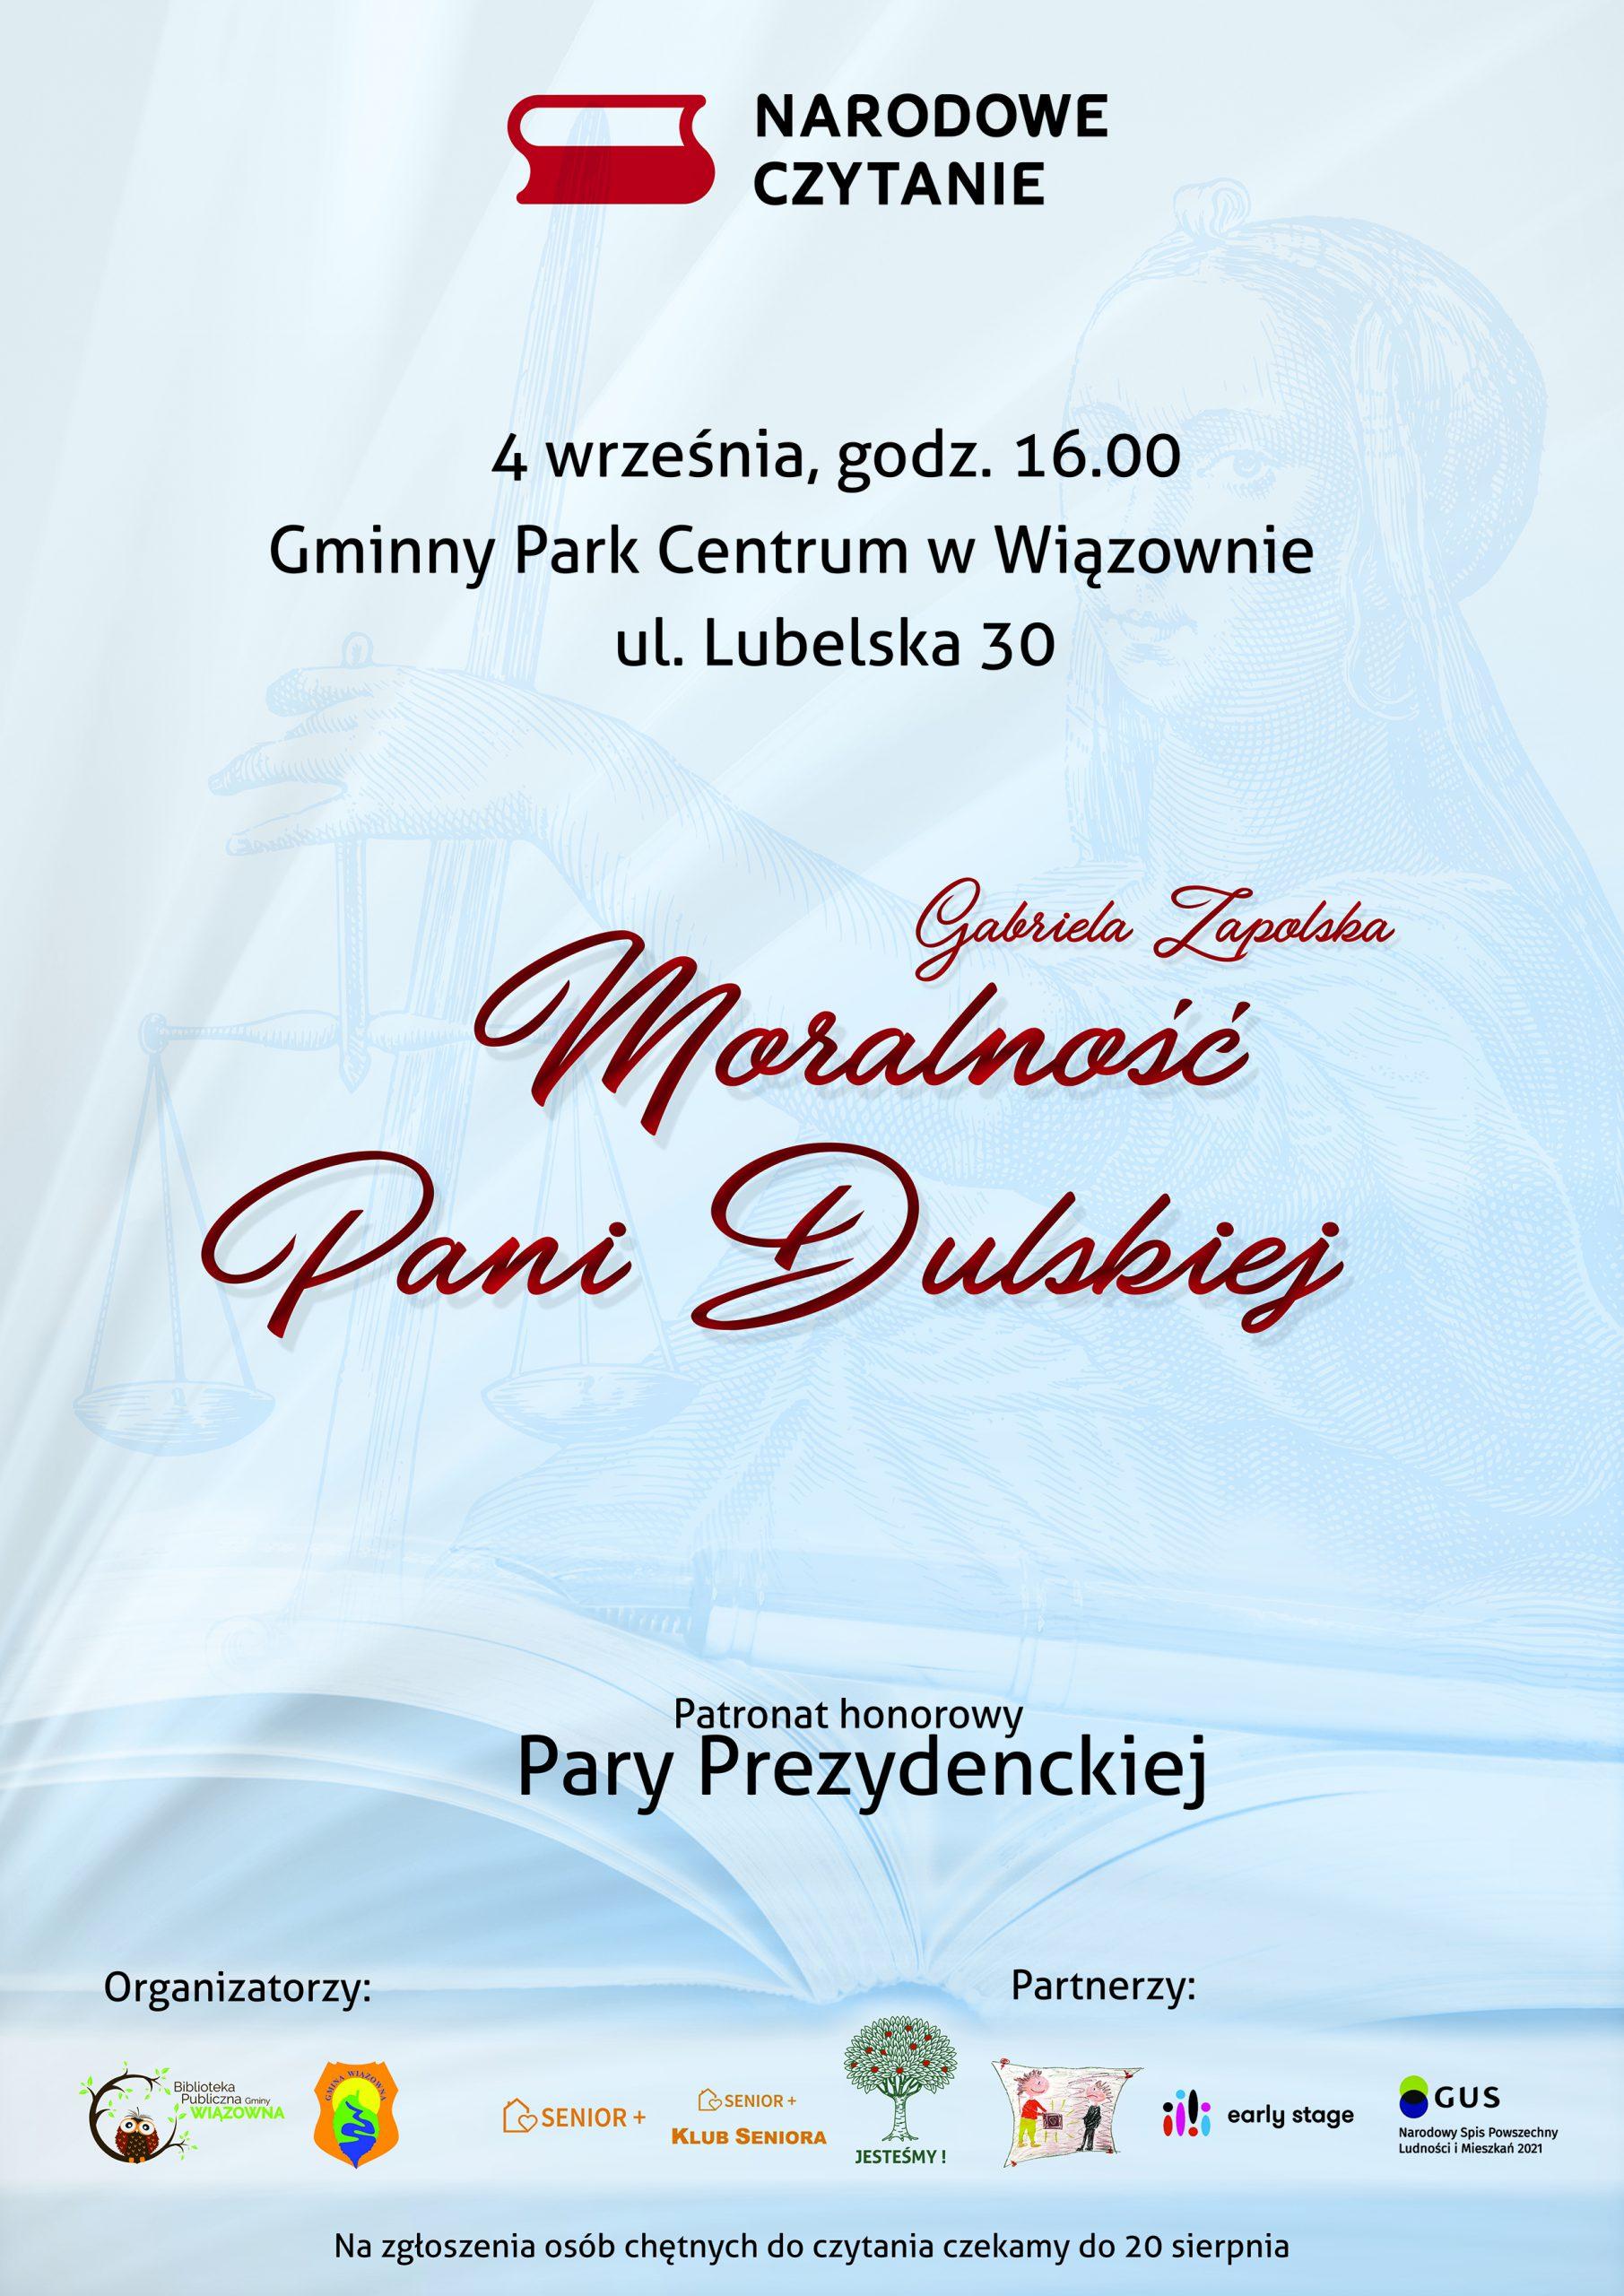 """Plakat informujący o akcji """"Narodowe Czytanie"""" 4 września w Gminnym Parku Centrum w Wiązownie"""